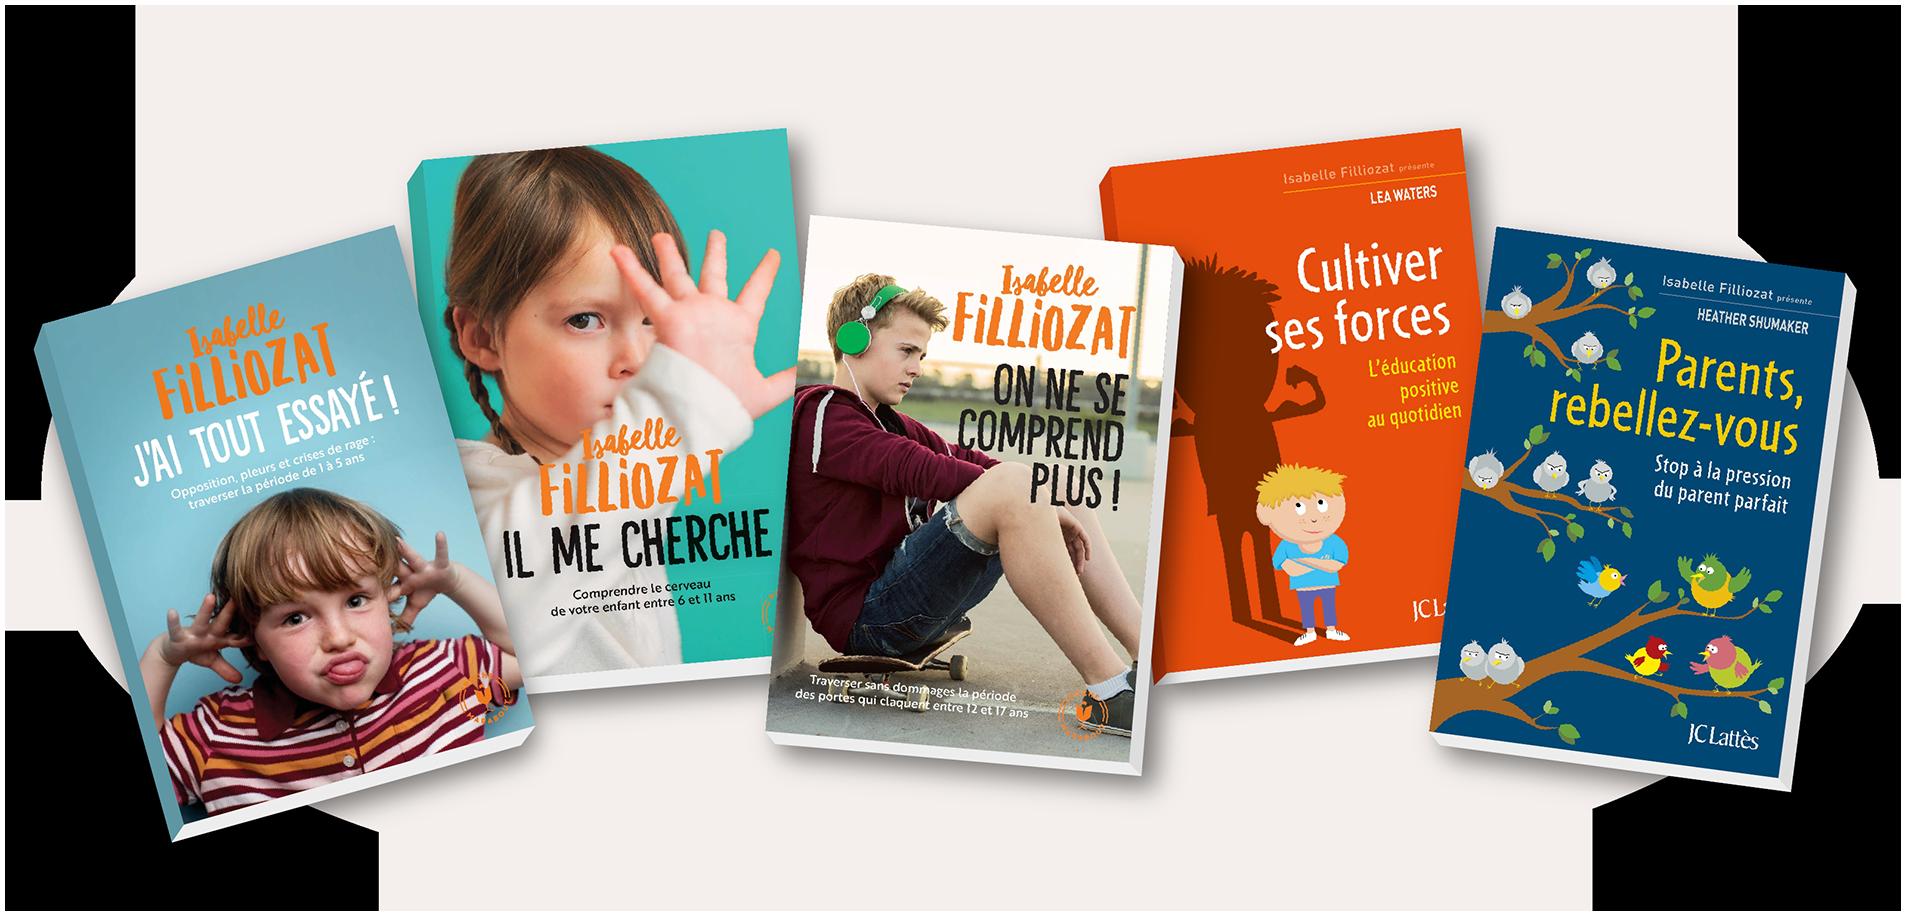 Livres parents - Image site Isabelle Filliozat